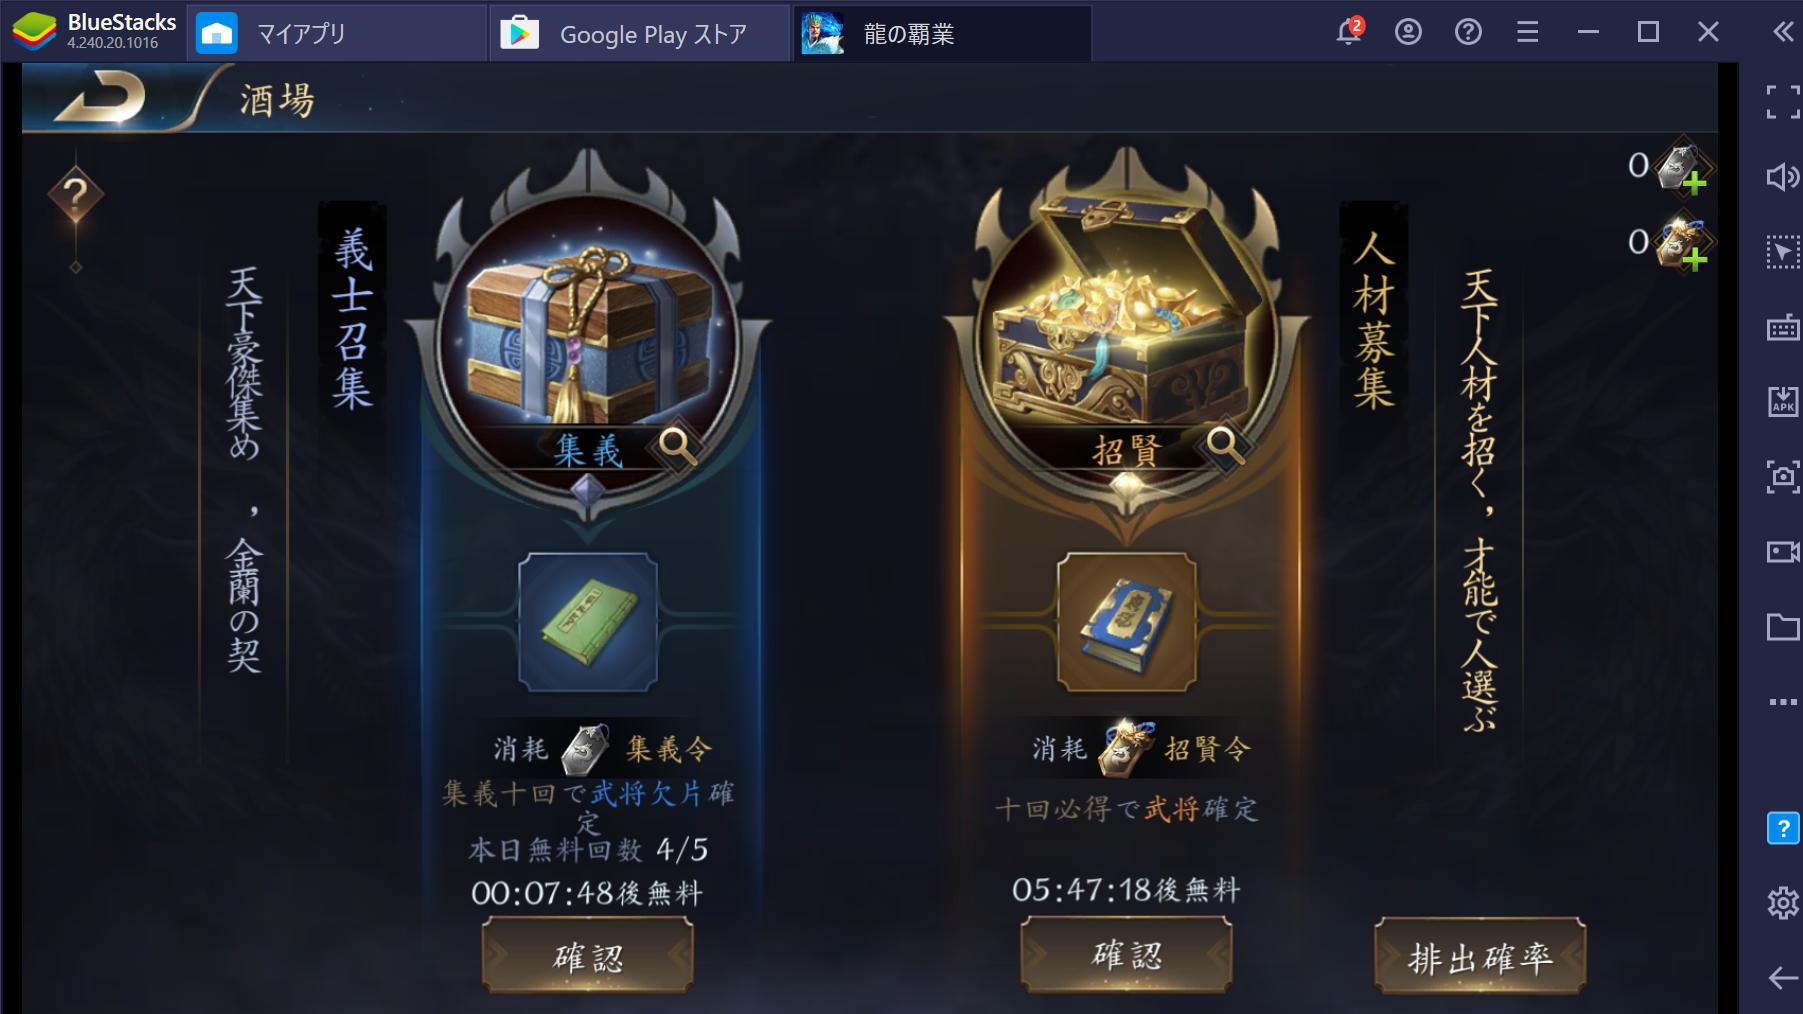 BlueStacksを使ってPCで『龍の覇業~三国英雄伝』を遊ぼう